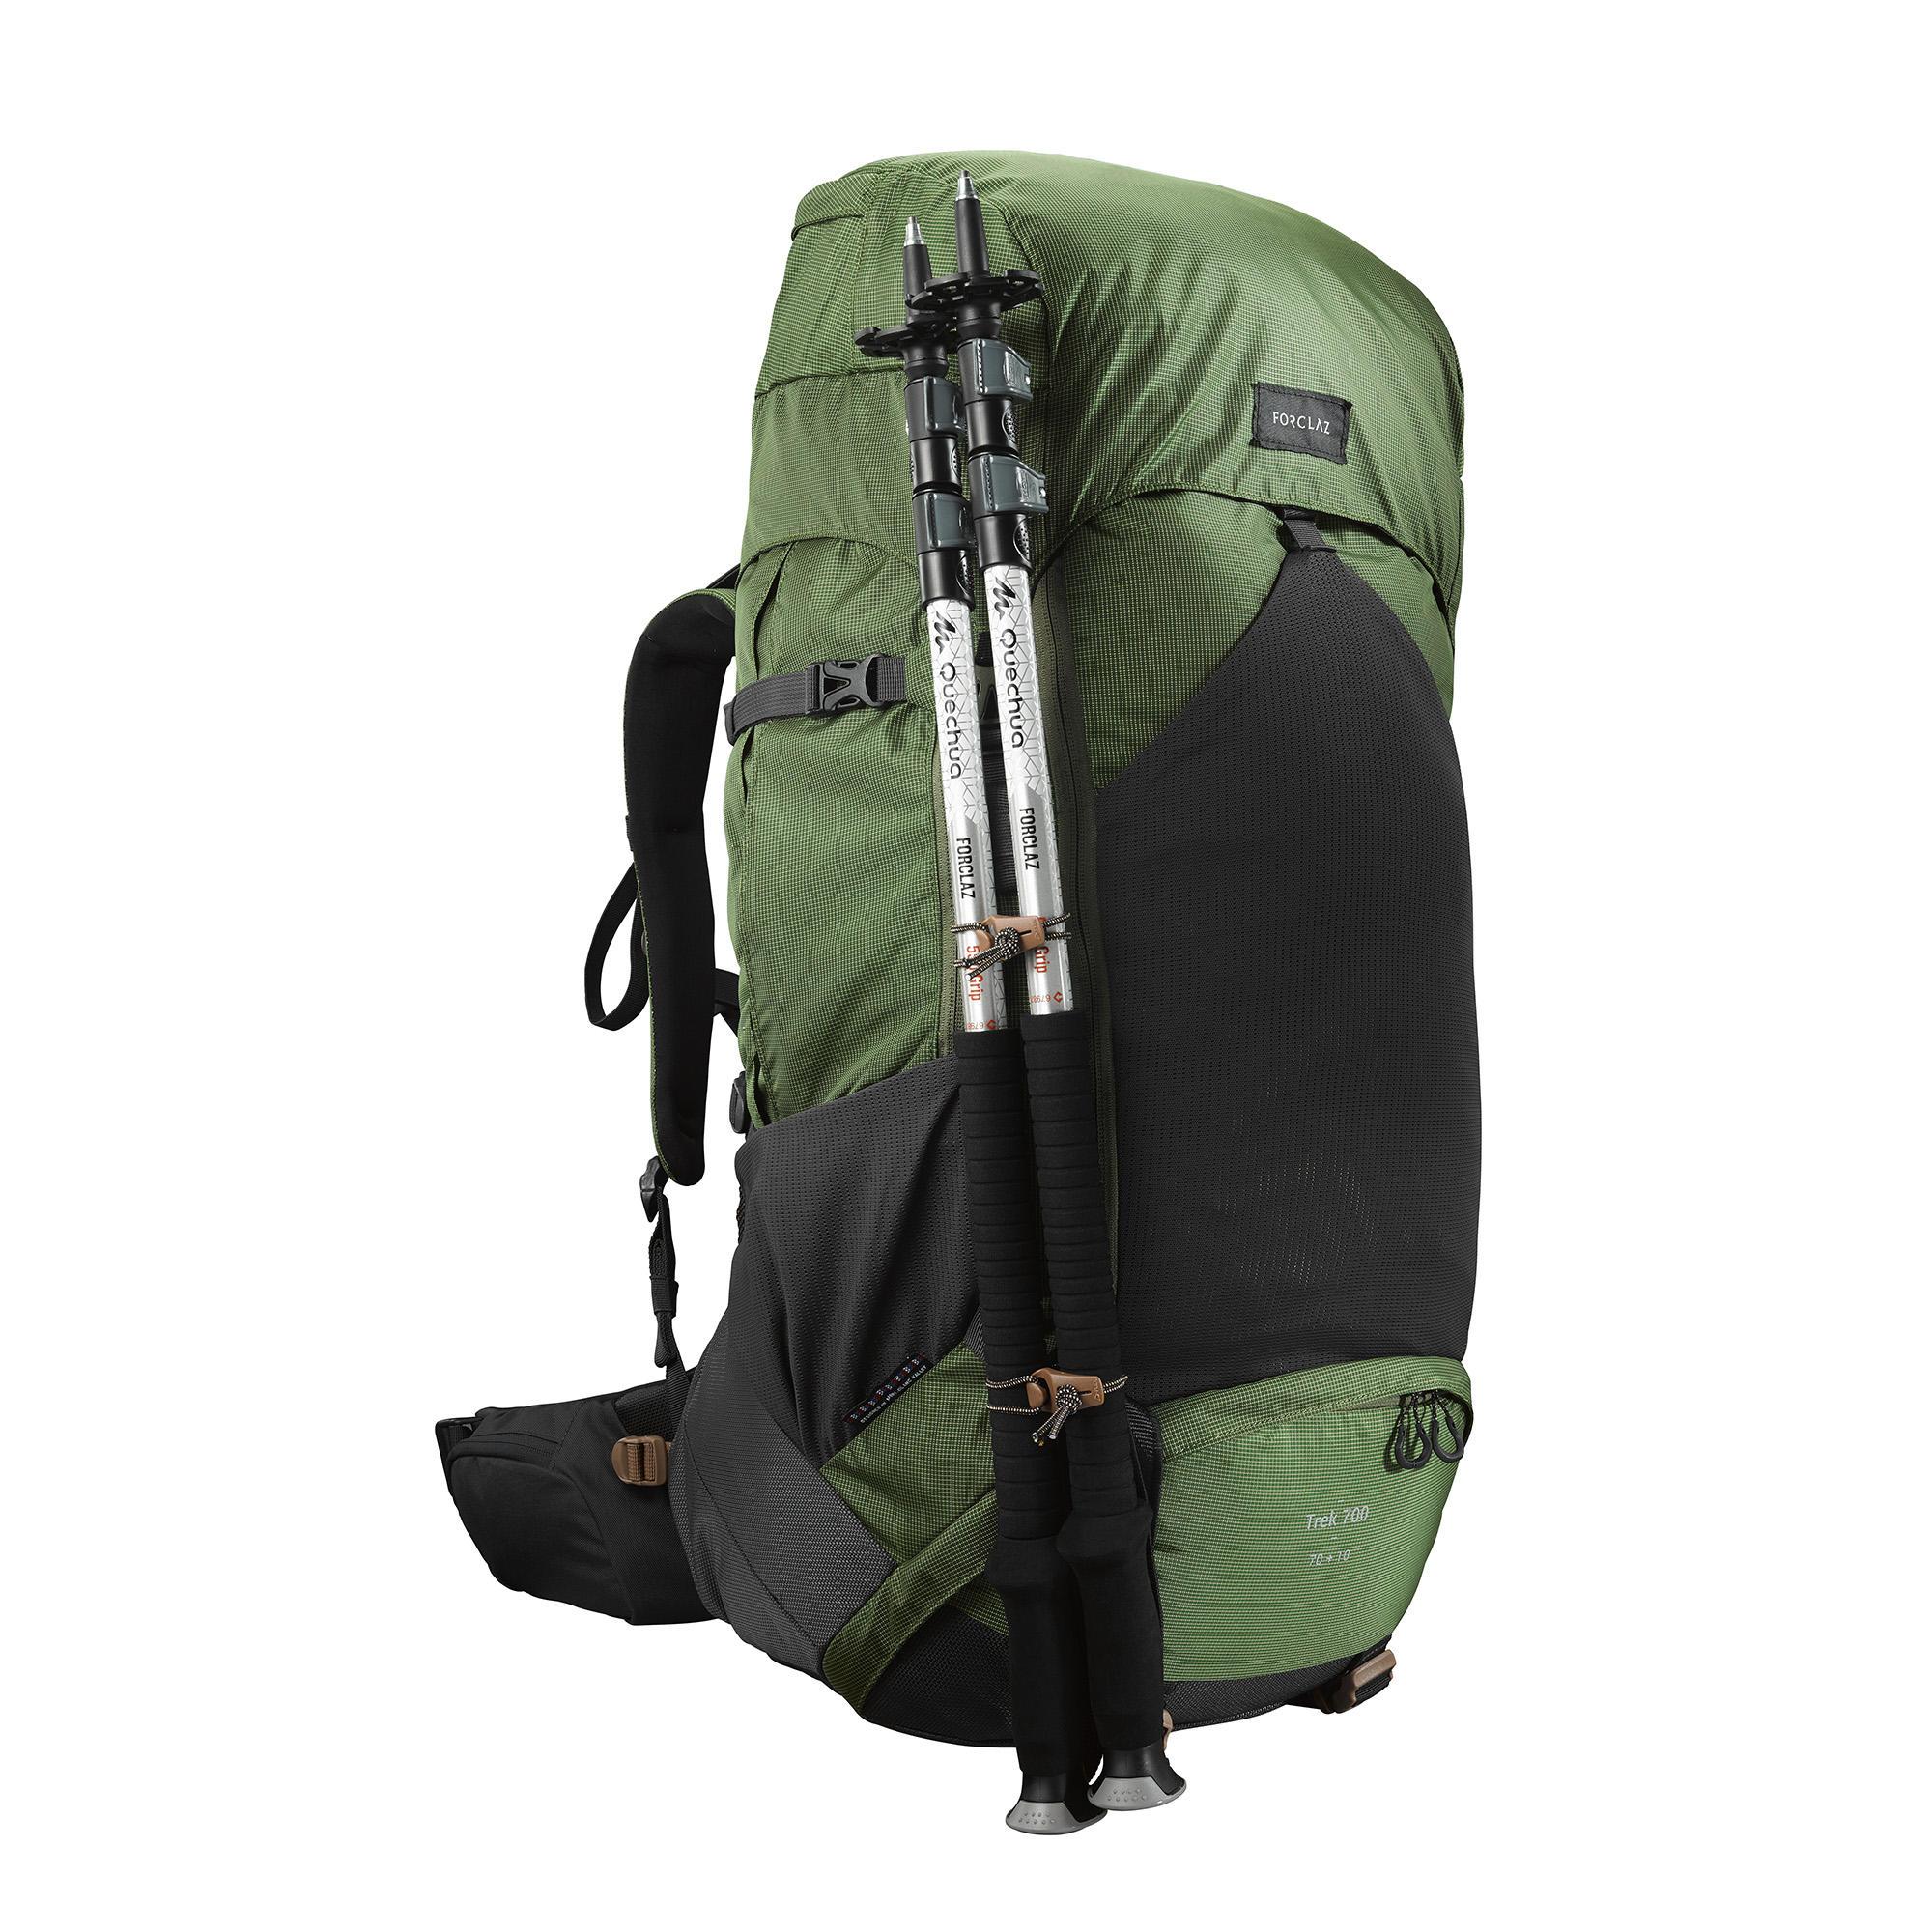 b5fed50cec6 Backpack kopen? | Online of in de winkel | Decathlon.nl